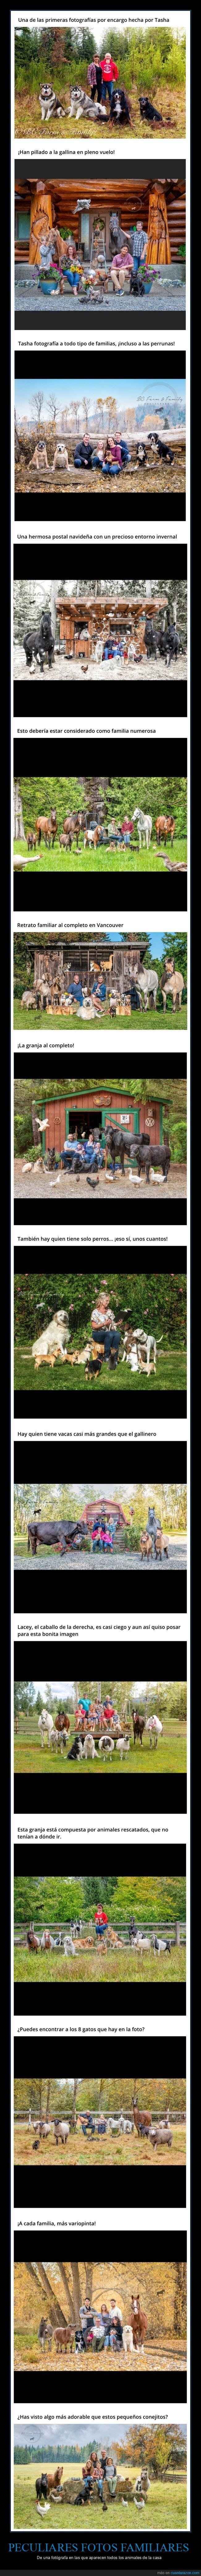 animales,fotos familiares